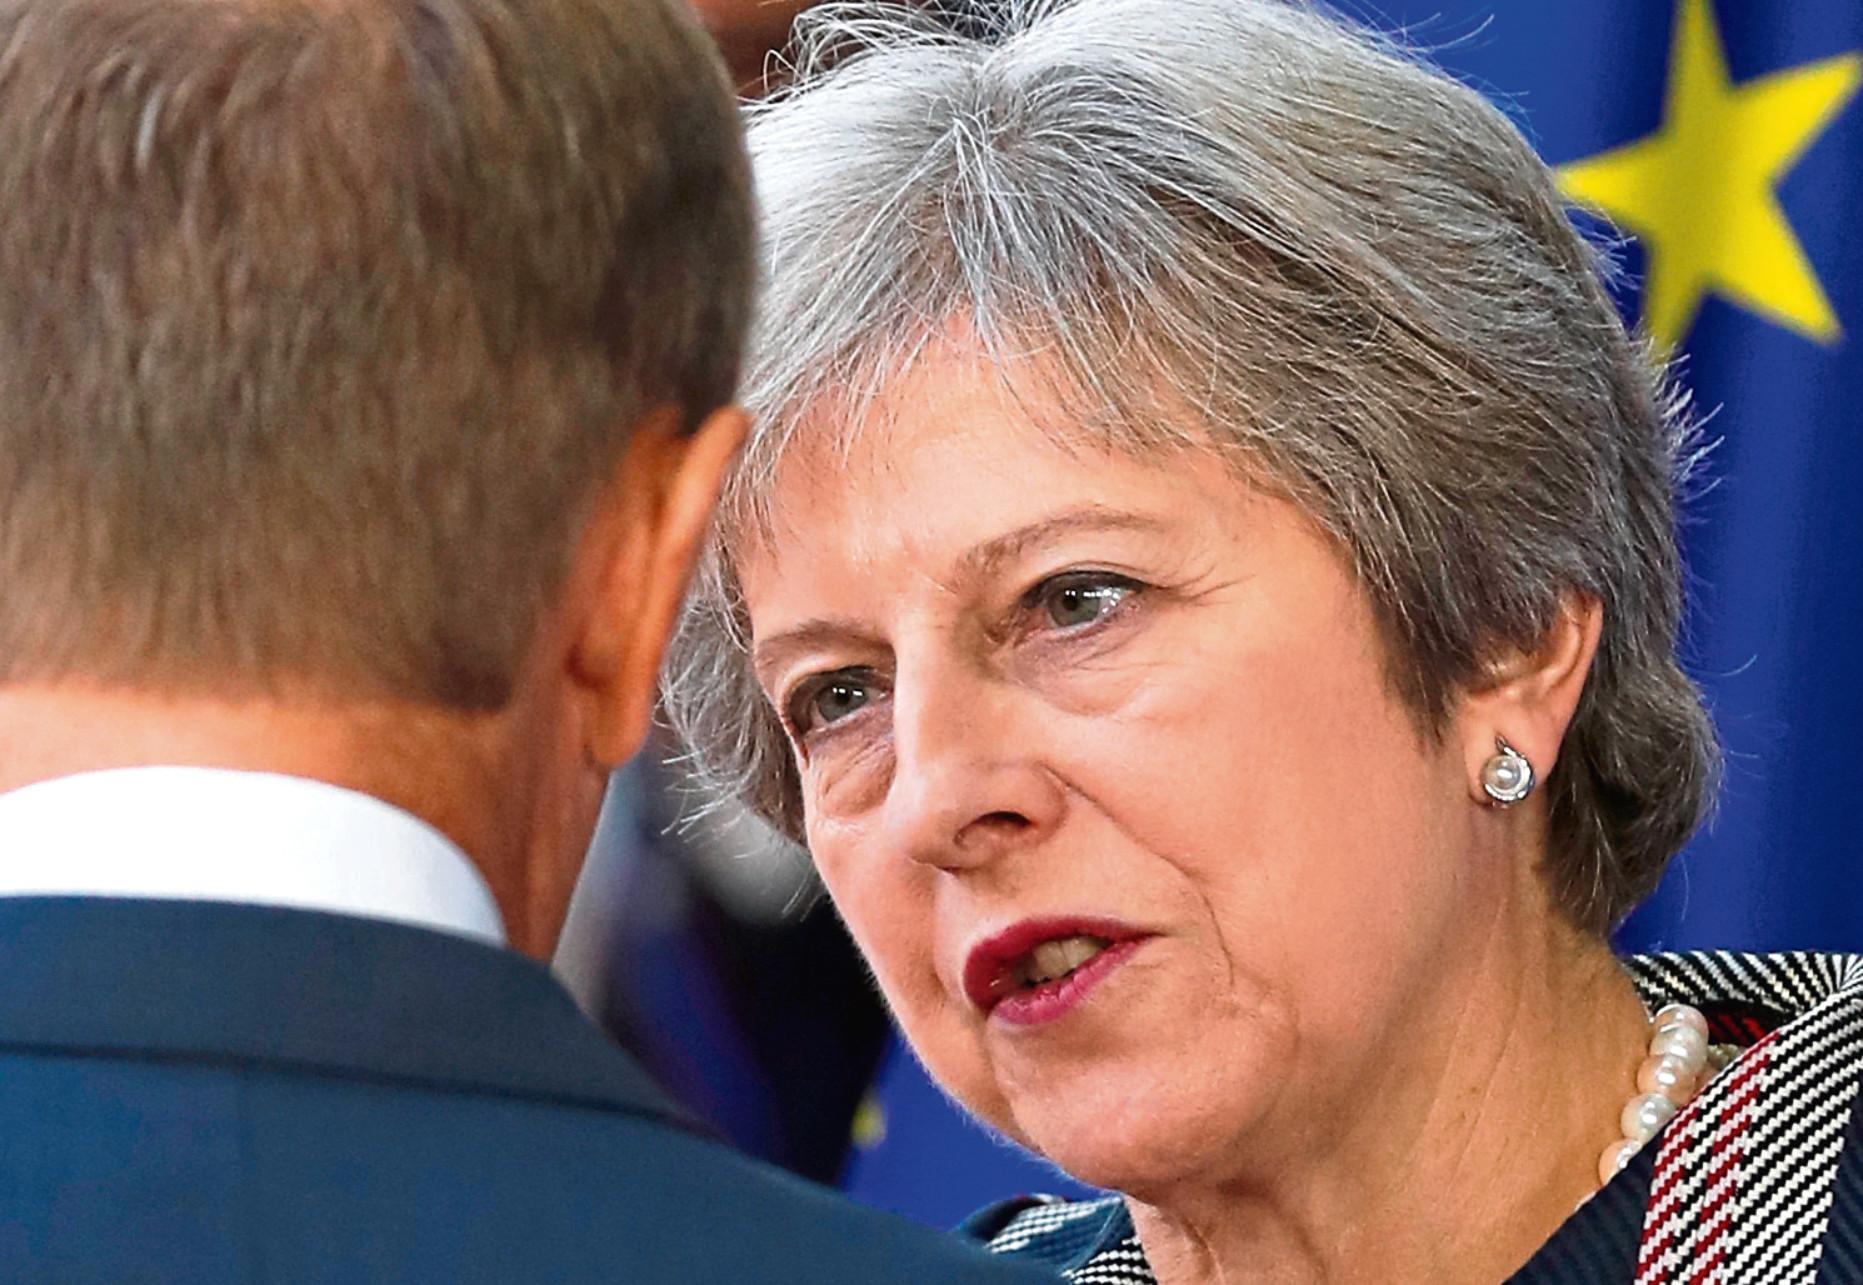 Theresa May (AP Photo/Alastair Grant)